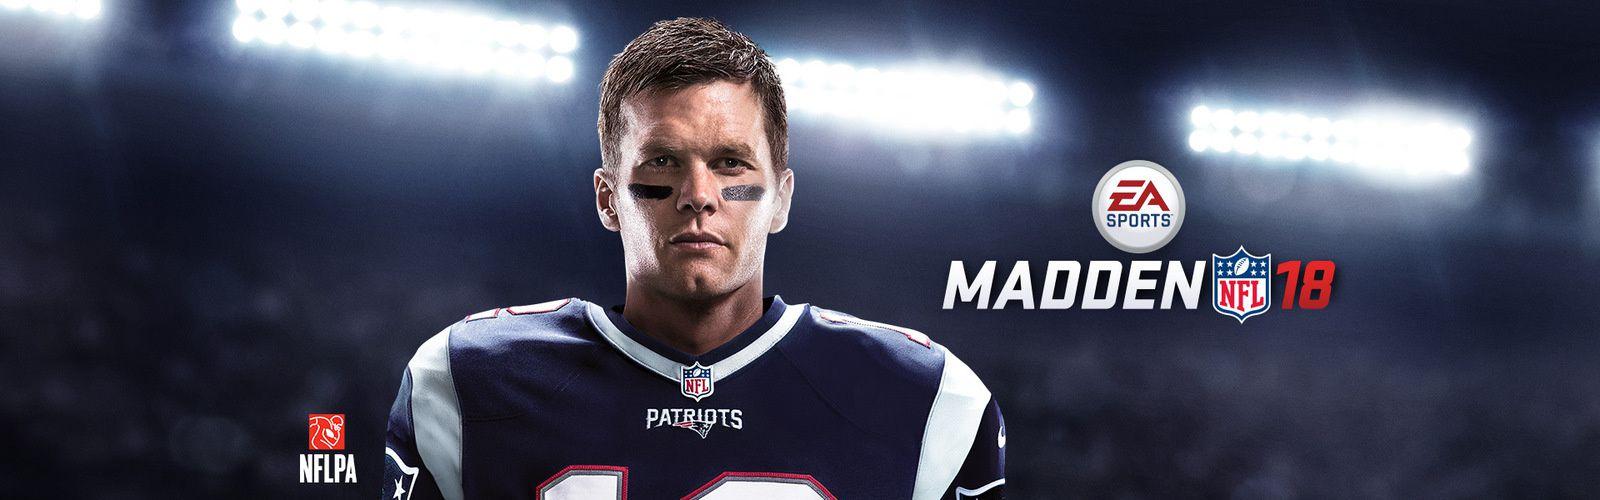 TEST de MADDEN NFL 18 (sur XBOX ONE) : du sport spectaculaire dopé avec FROSTBYTE!